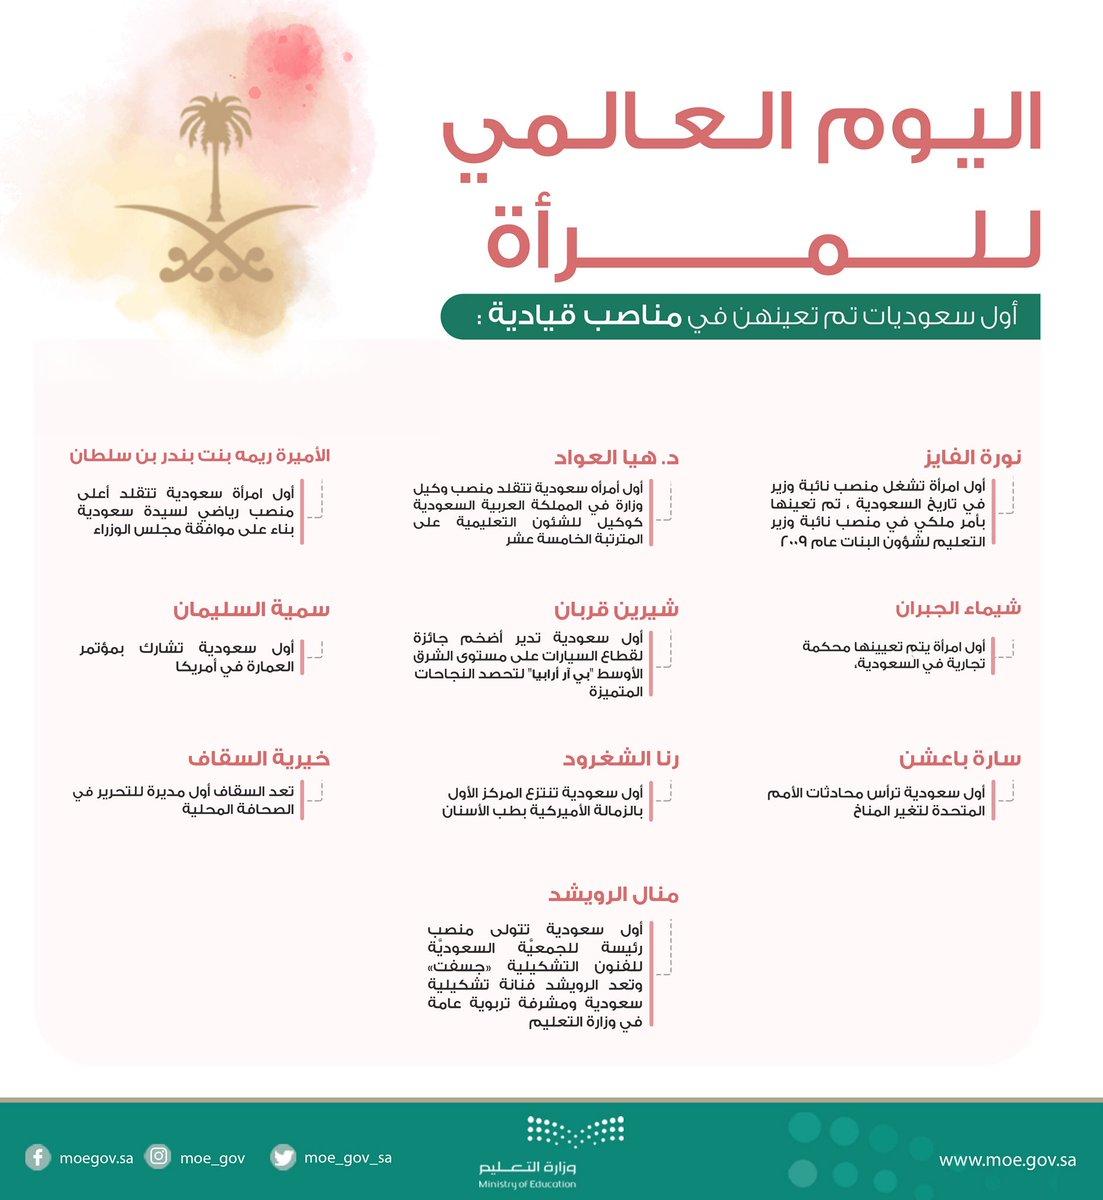 السعوديات الاتي تعينهن مناصب قيادية.